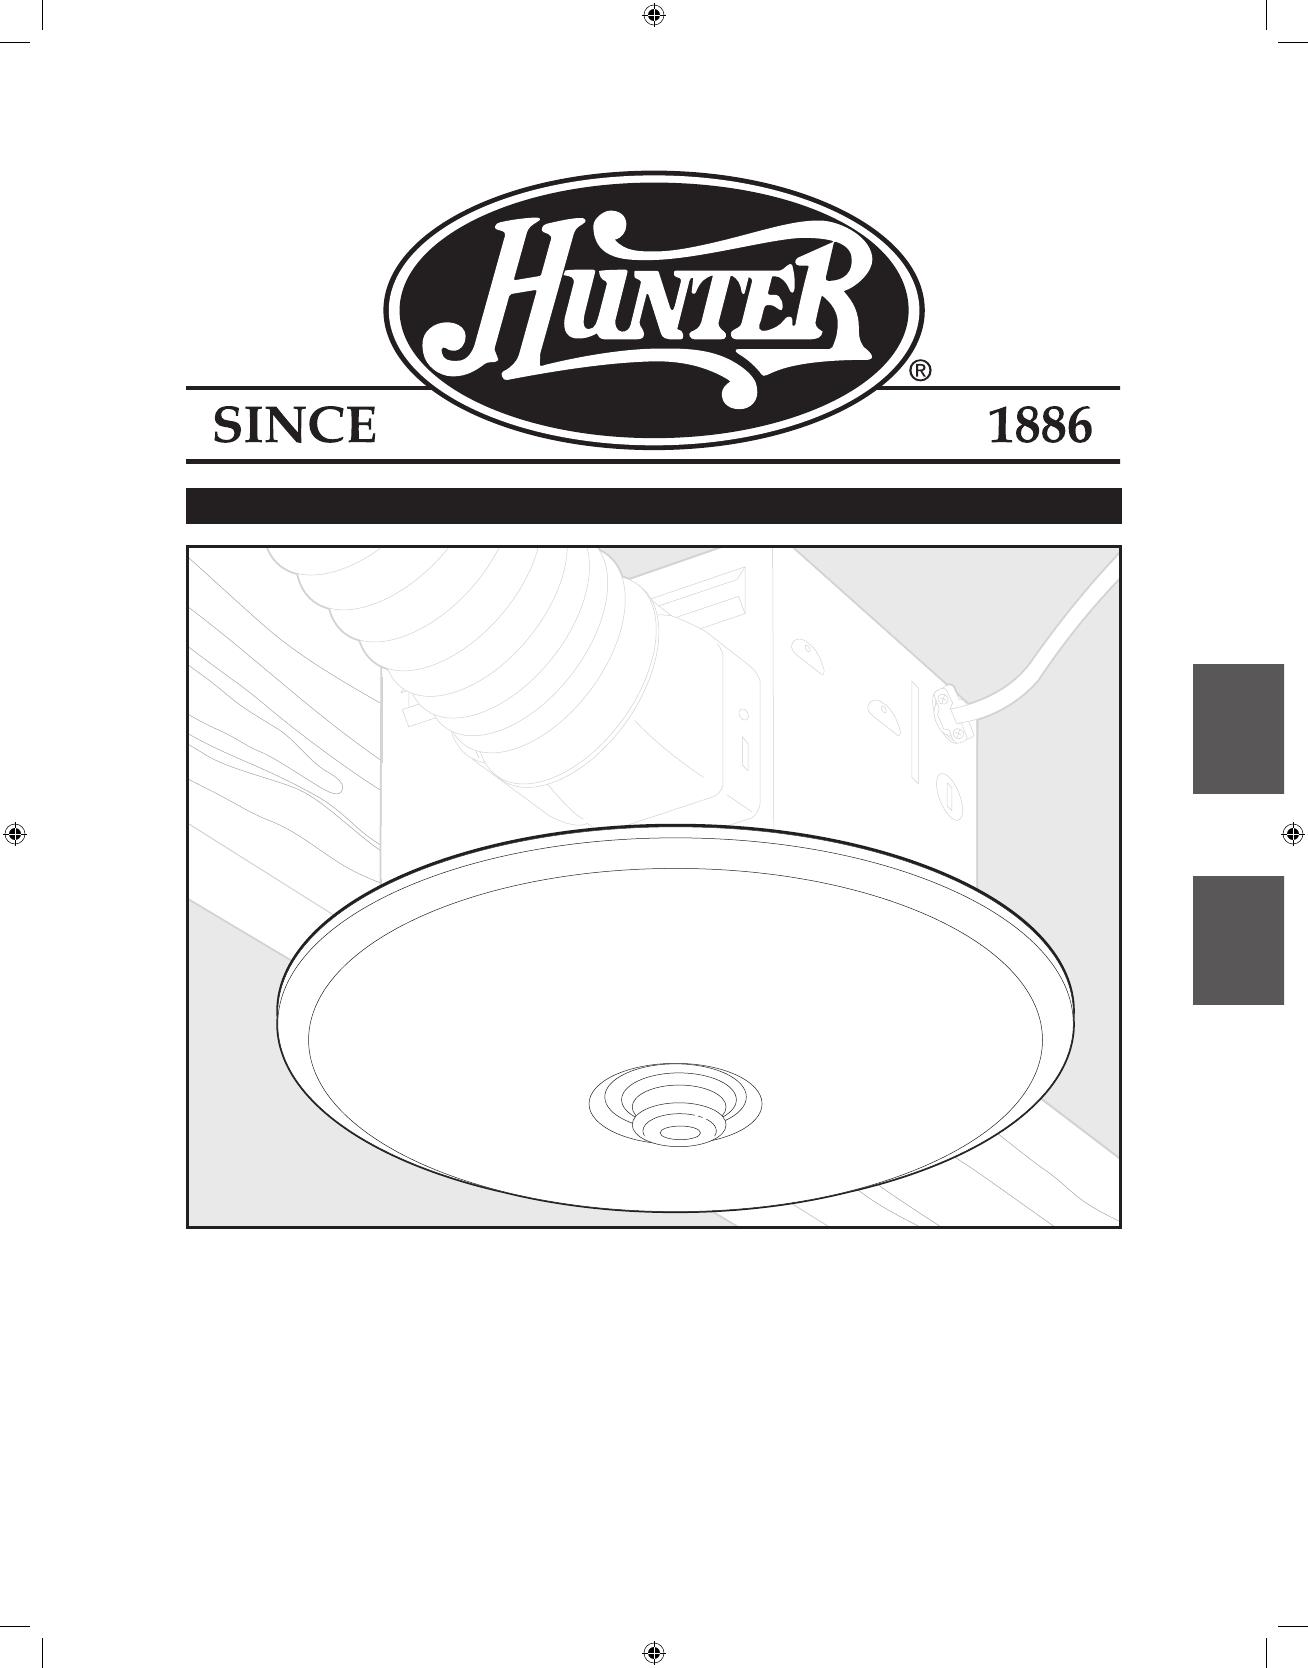 hunter fan ventilation hood 90055 user guide